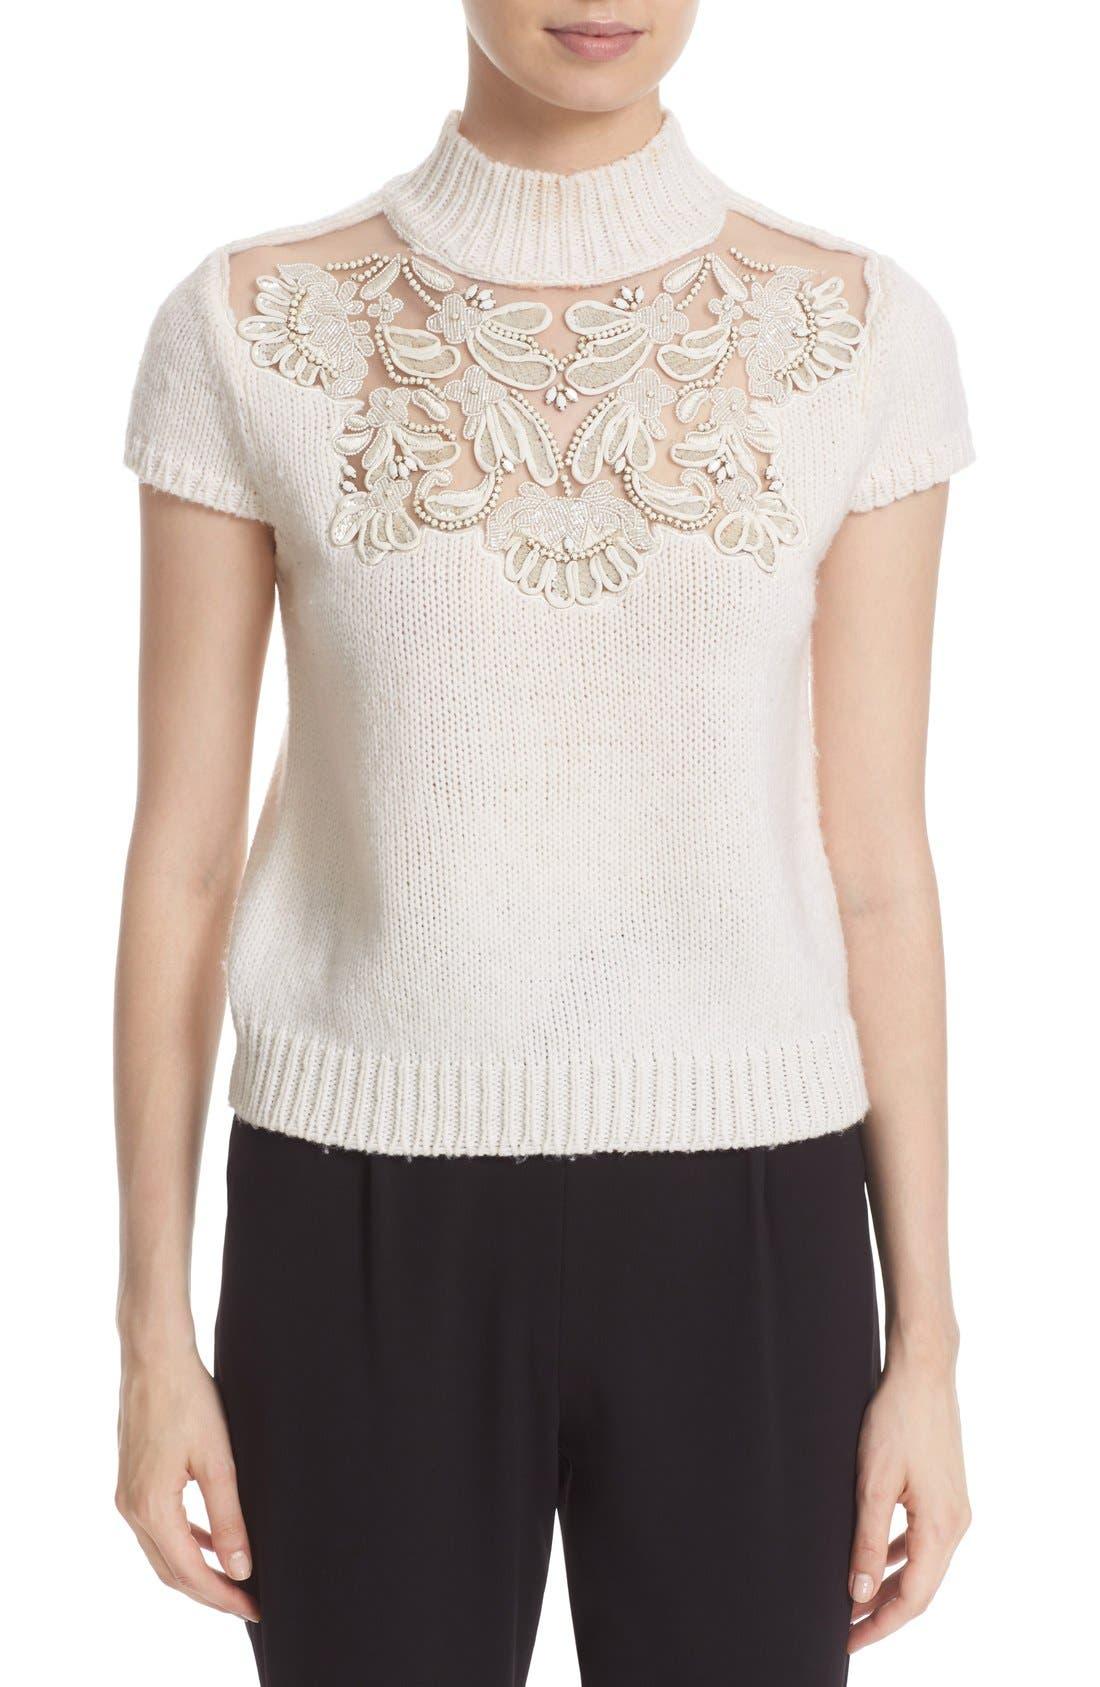 Main Image - Alice + Olivia 'Carla' Embellished Yoke Mock Neck Sweater